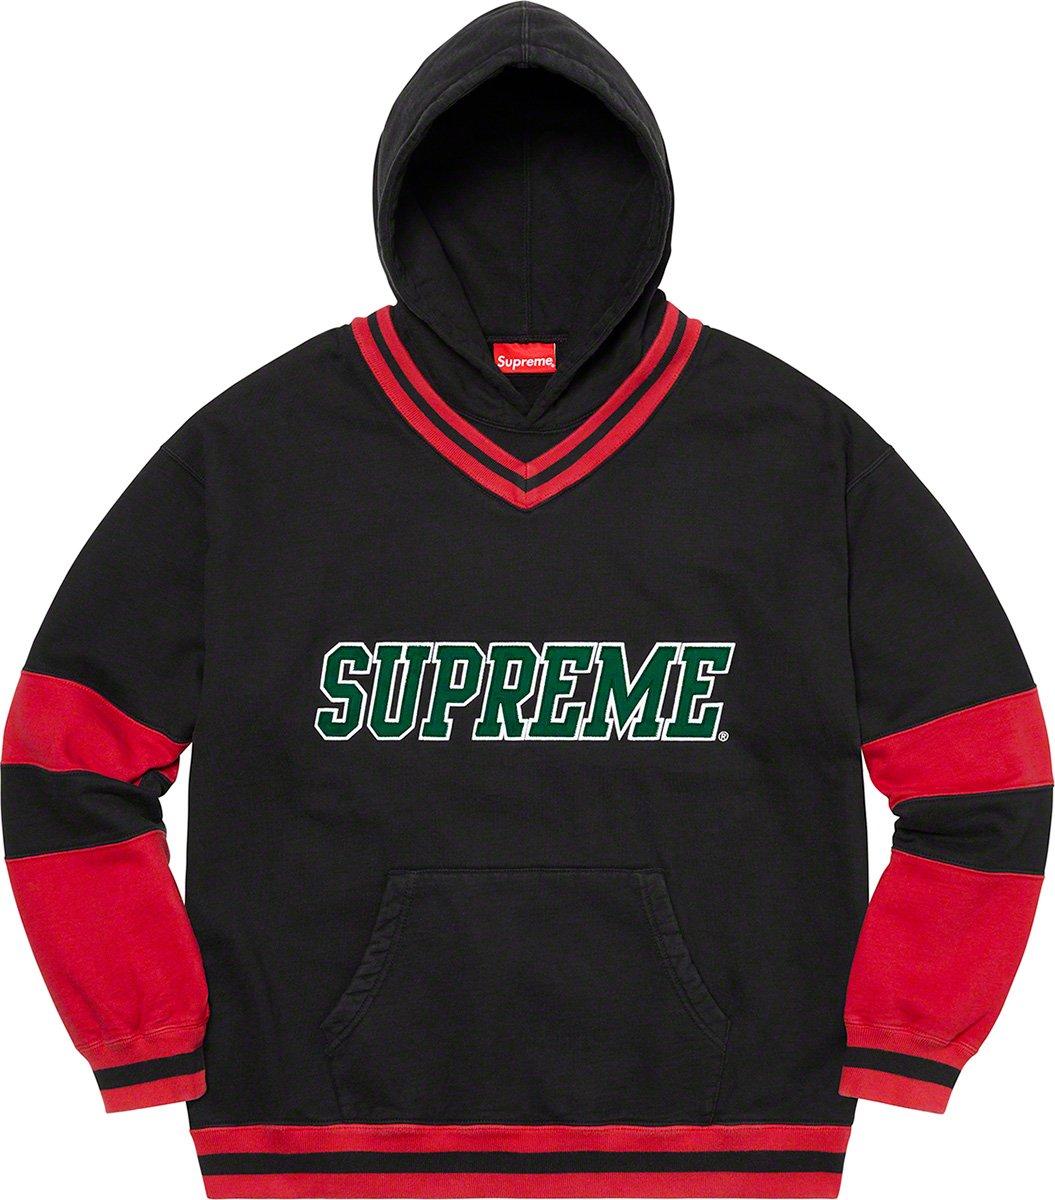 シュプリーム ザ・ノースフェイス コラボ 2020年 秋冬 新作 Supreme 2020fw week 10 Hockey Hooded Sweatshirt black